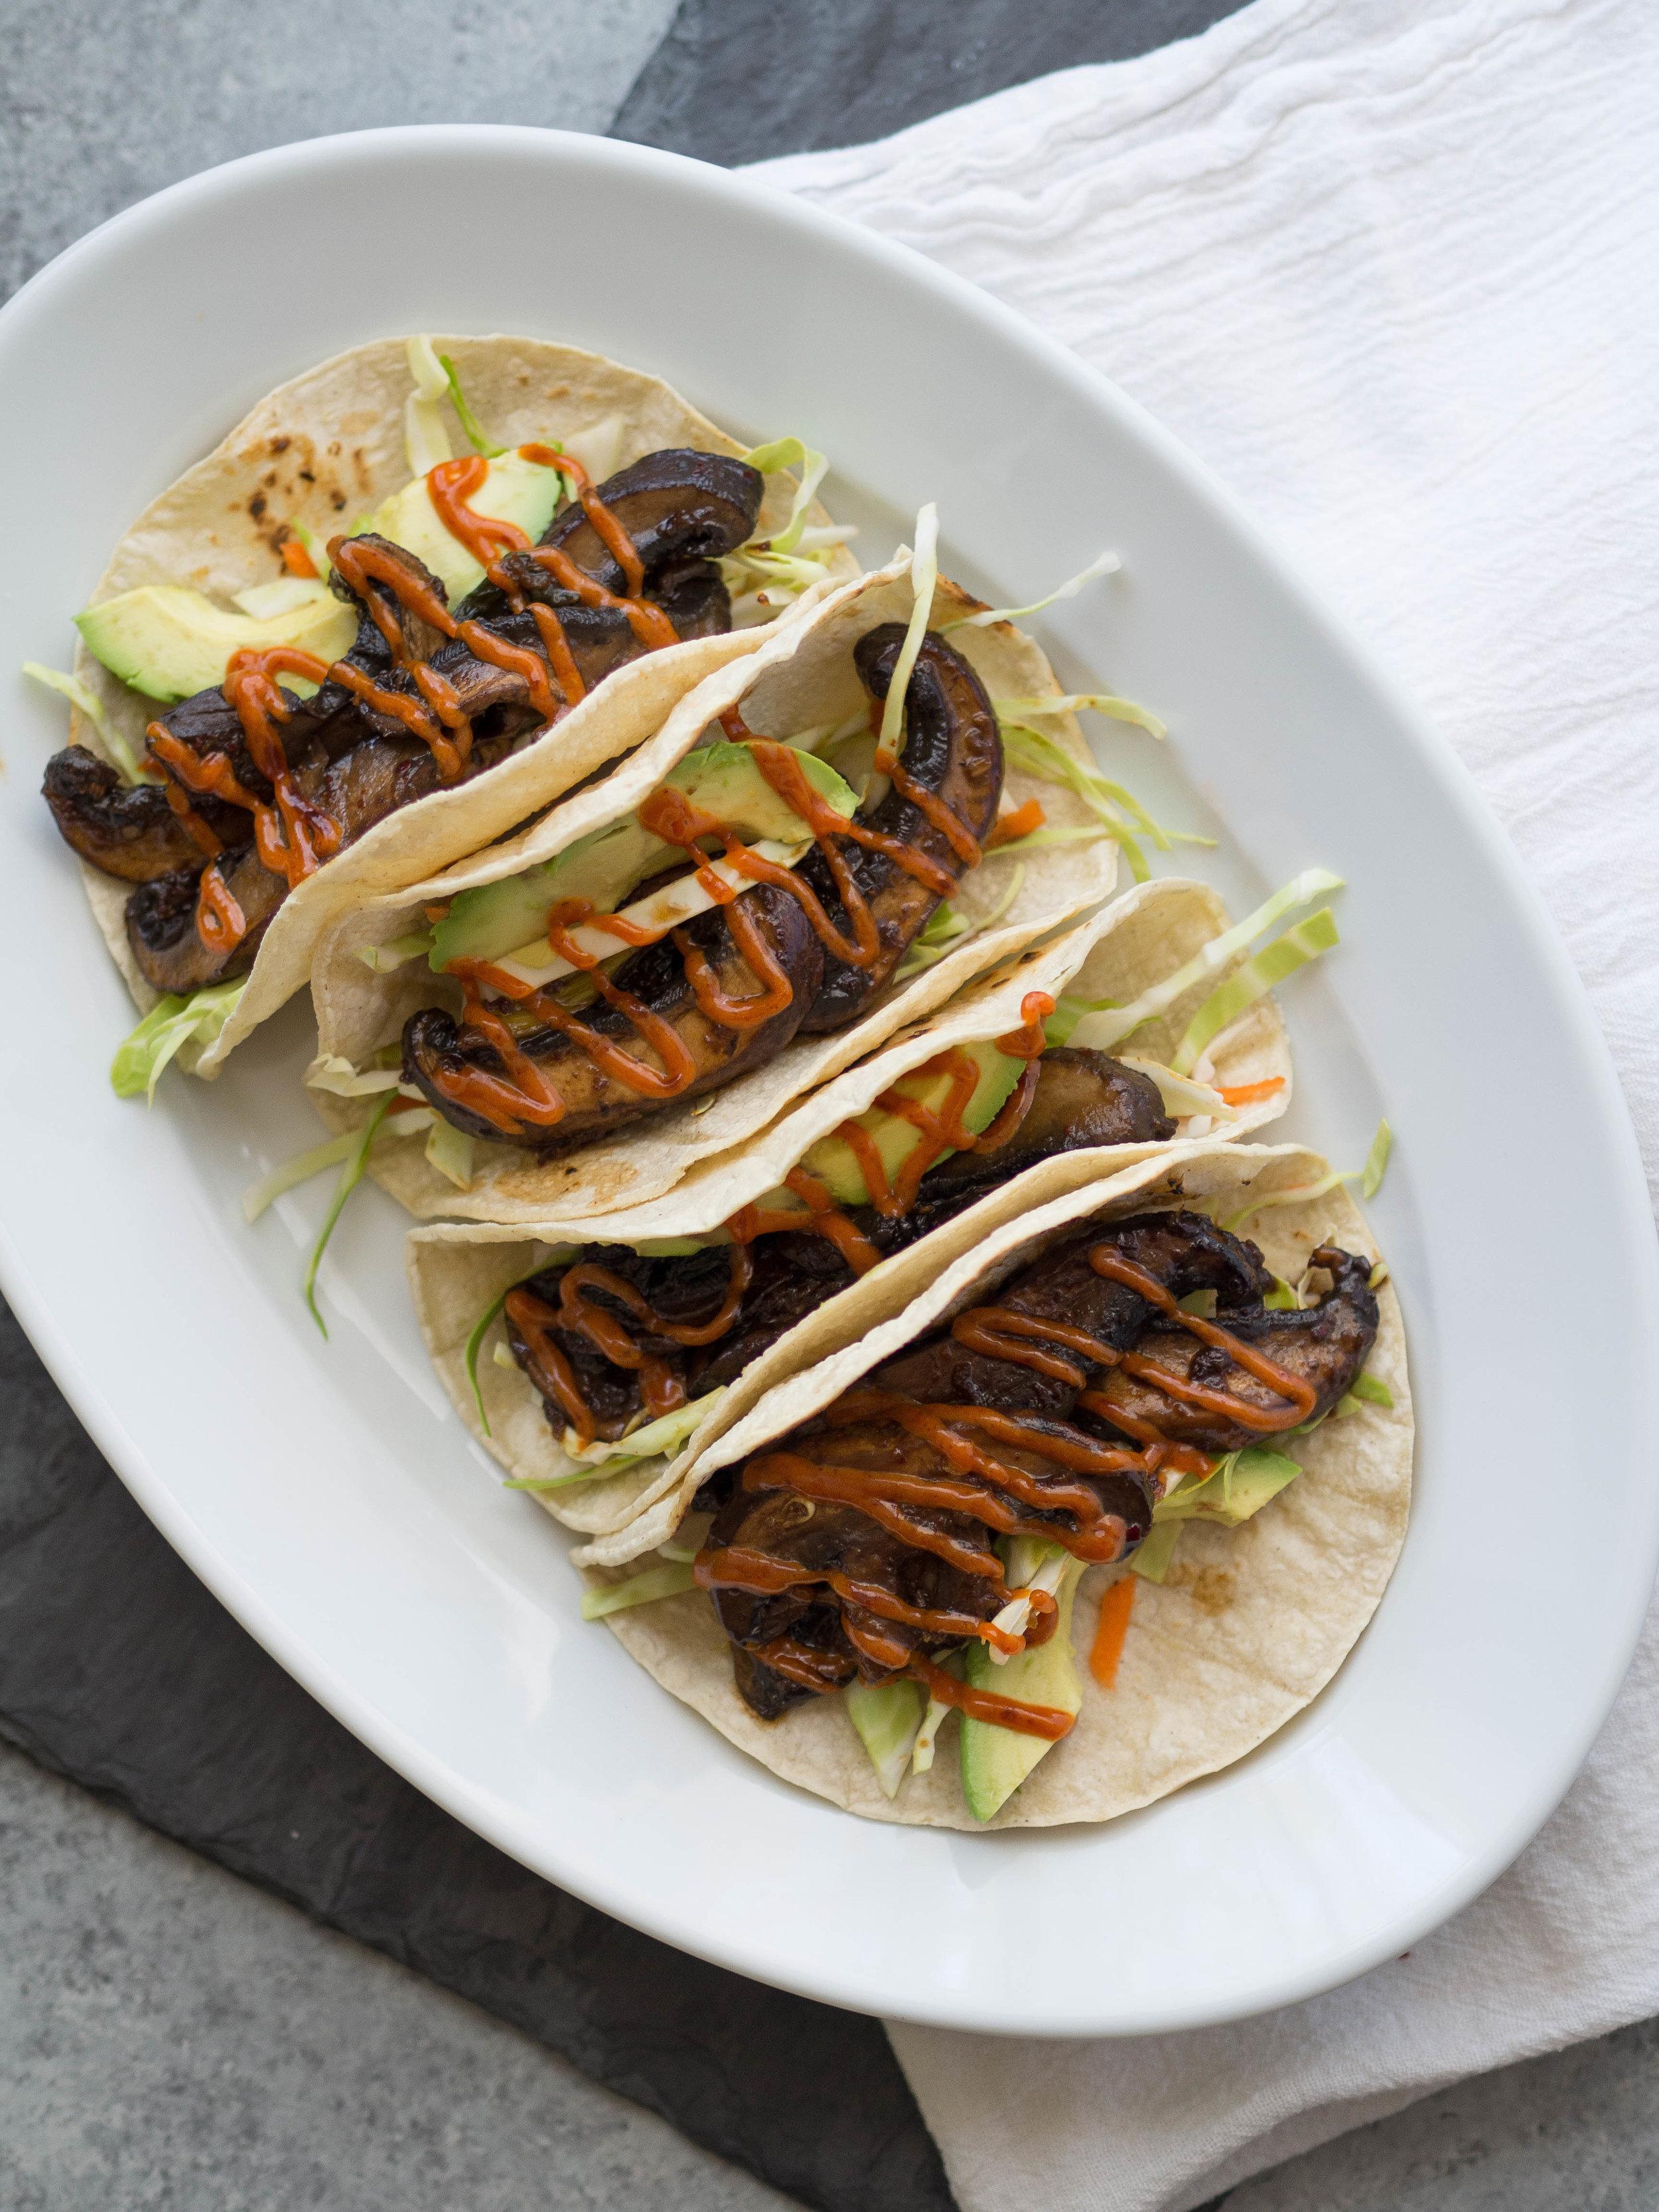 Vegan portobello bulgogi tacos! #vegan #taco #bulgogi #vegetarian